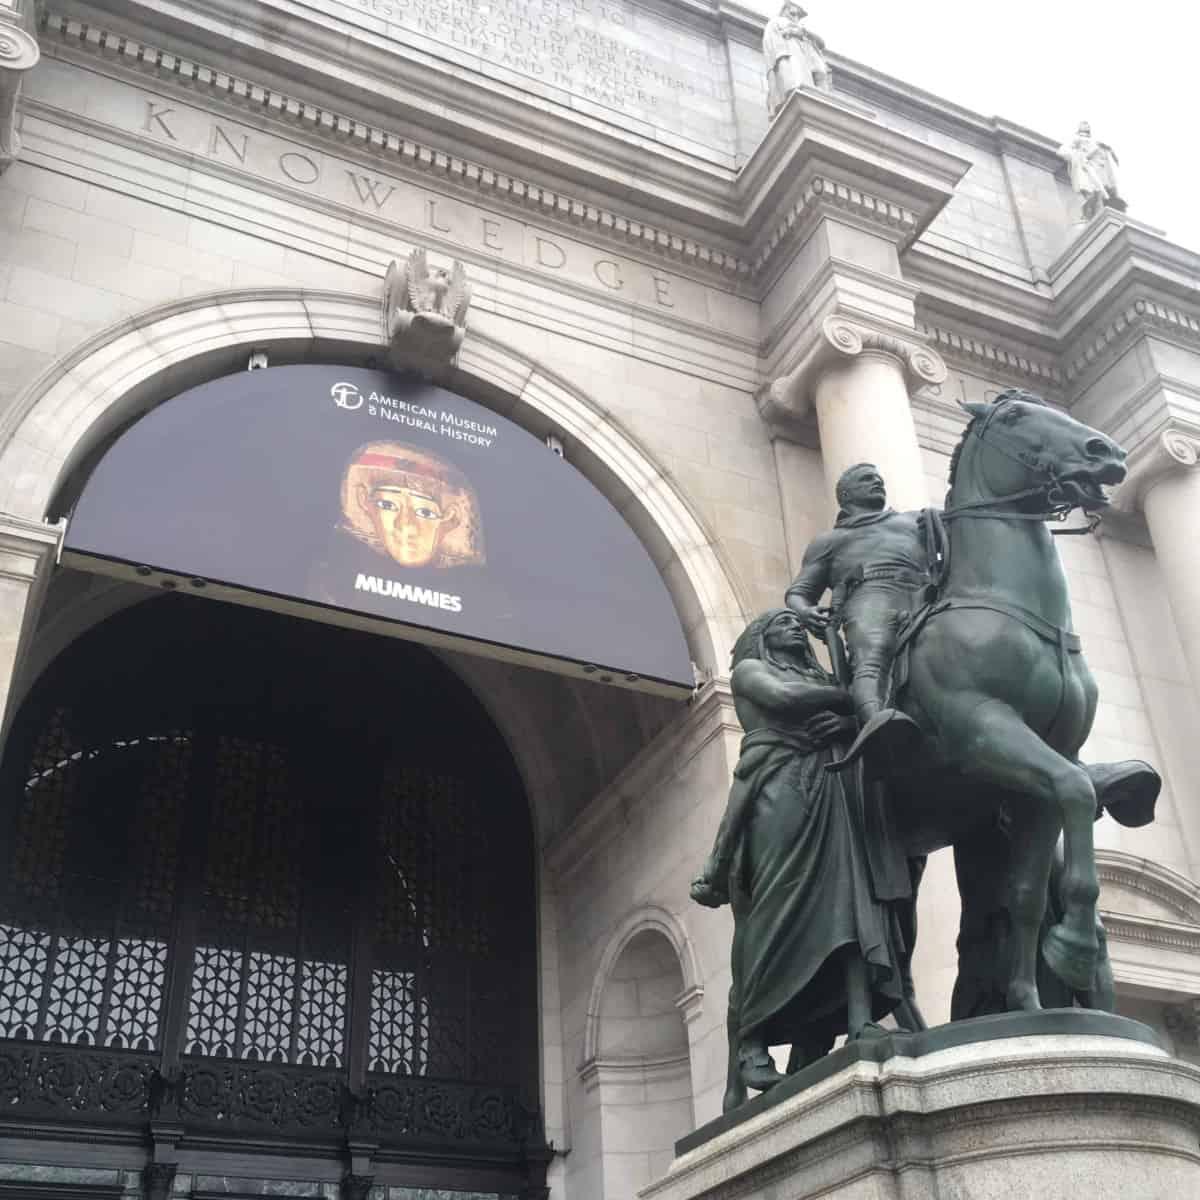 Un giorno al museo: l'American Museum of Natural History